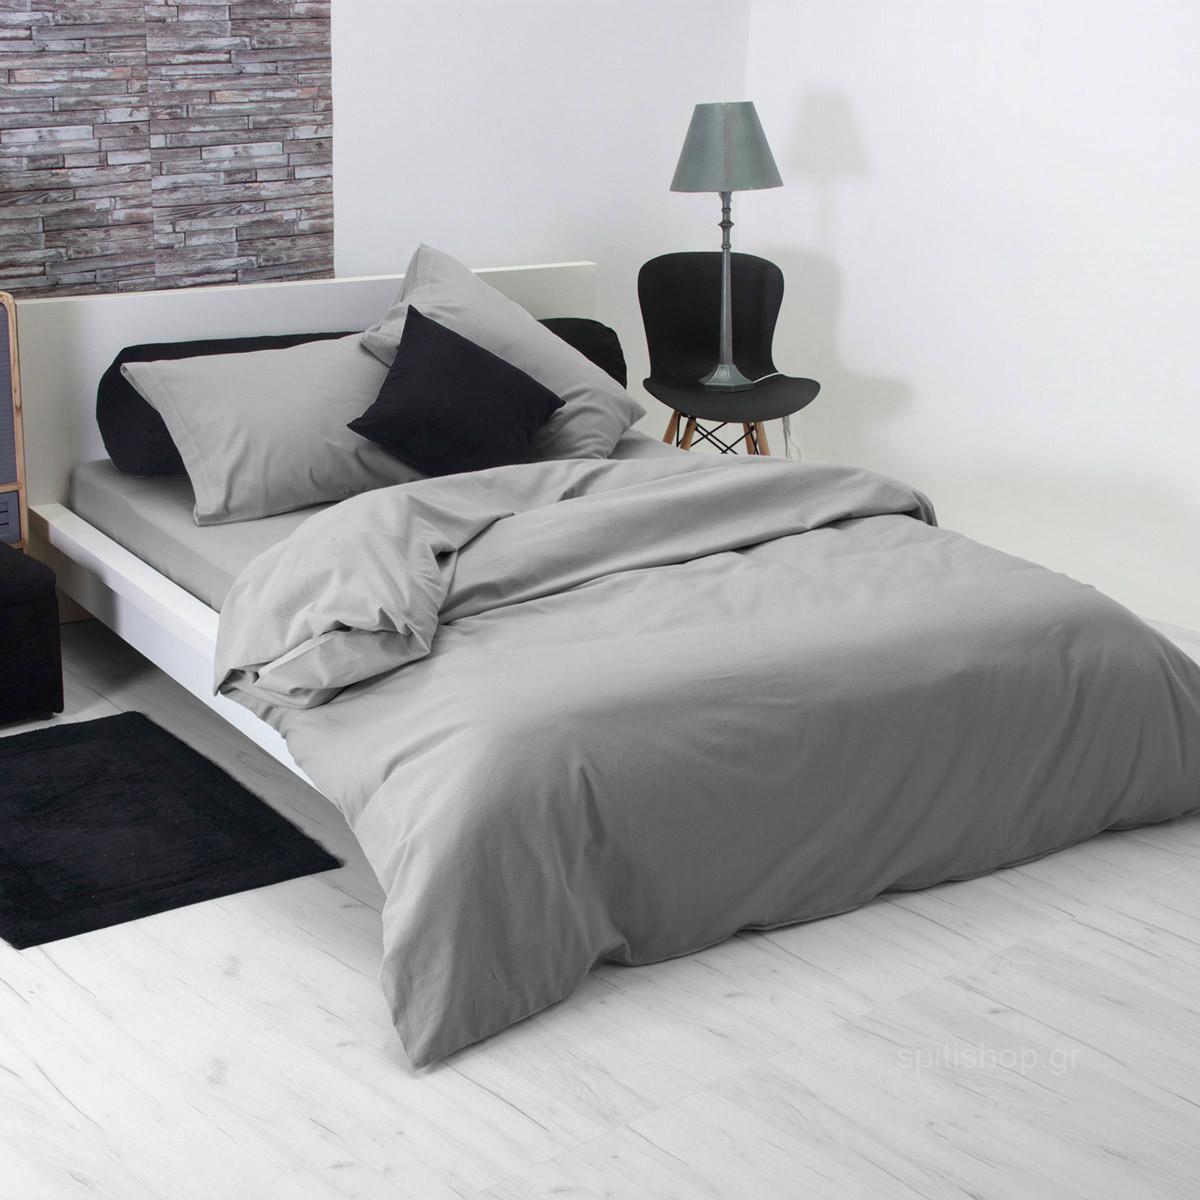 Ζεύγος Φανελένιες Μαξιλαροθήκες Sb Home Flannel Grey